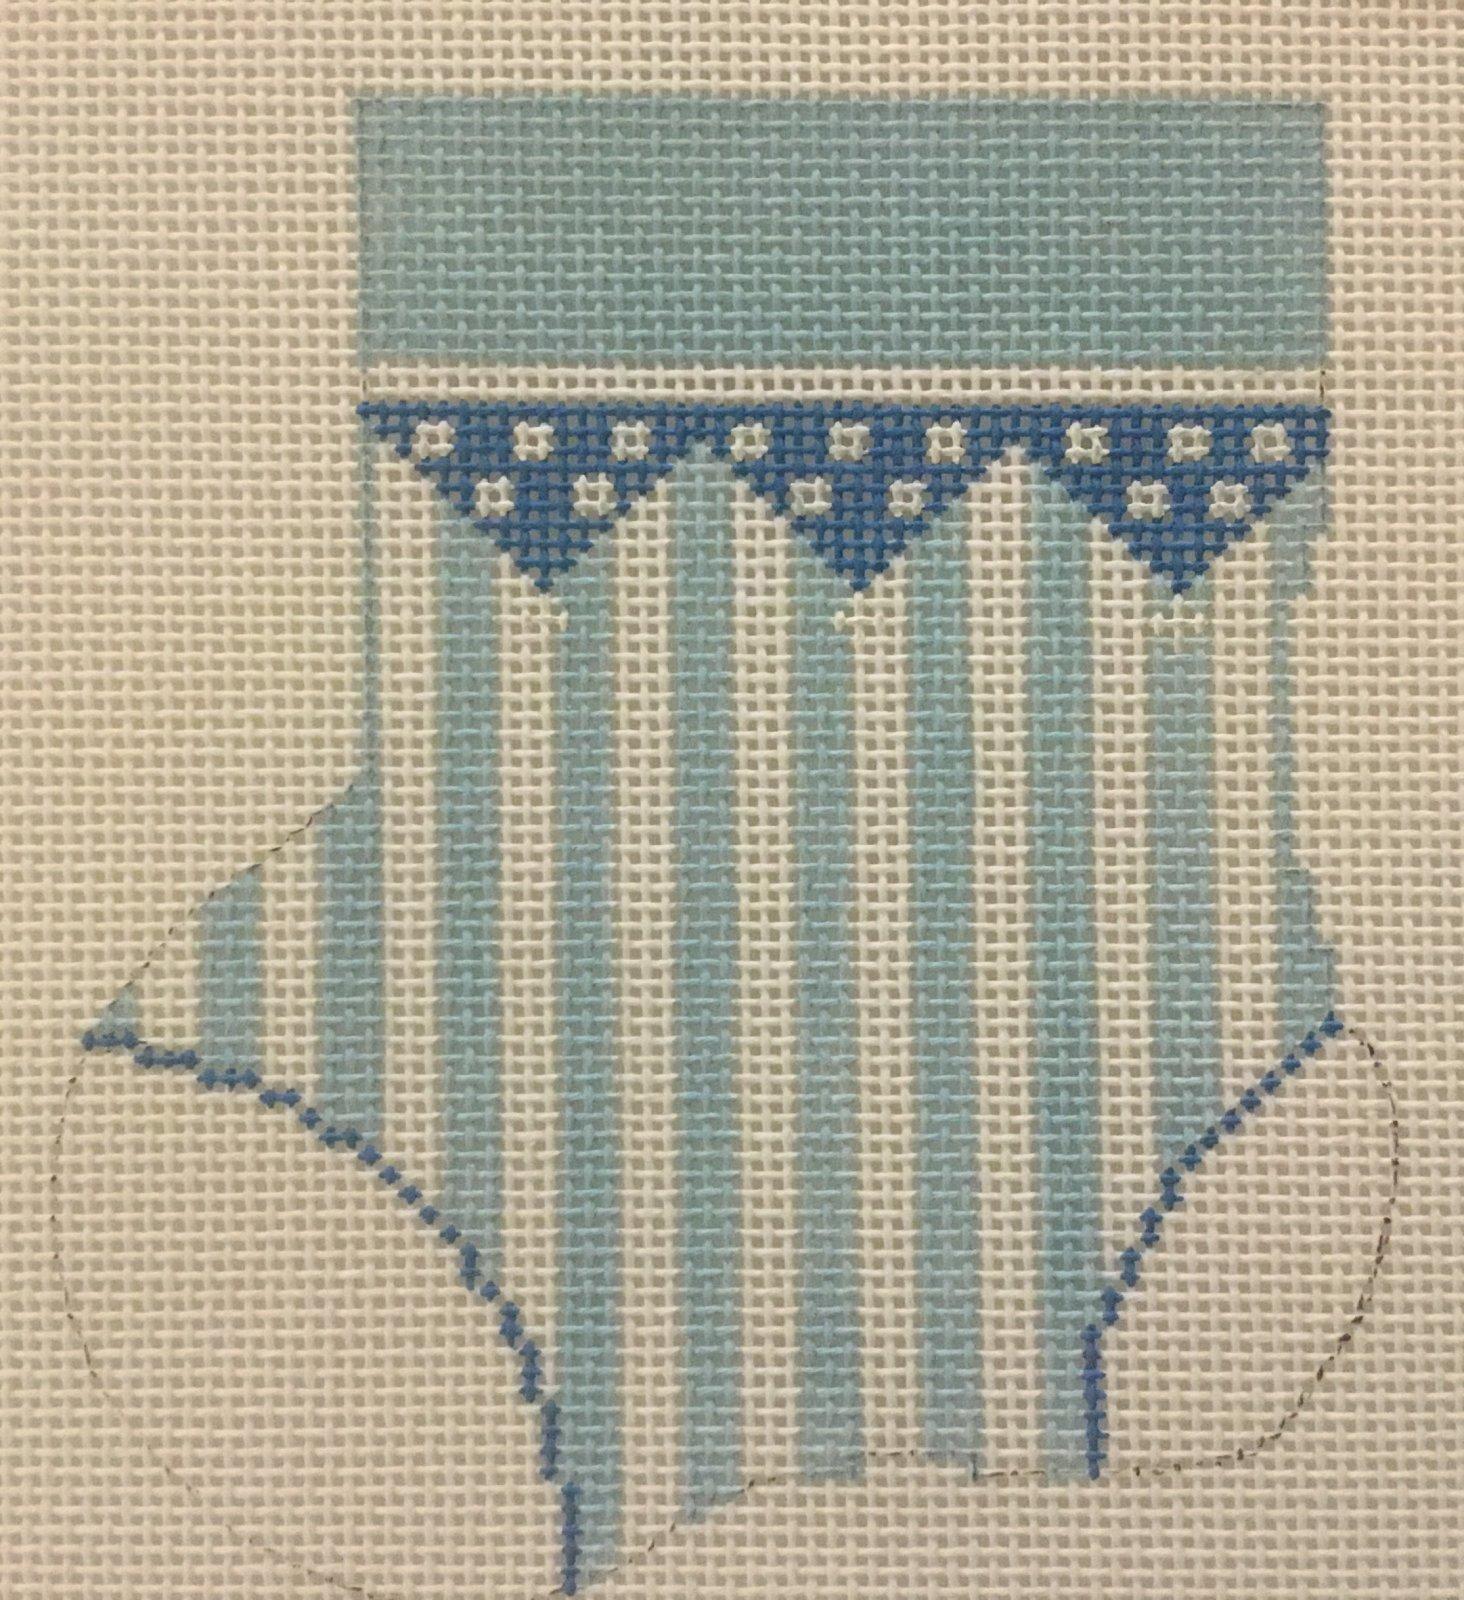 Blue Mini Sock, 18M, 4.25x4